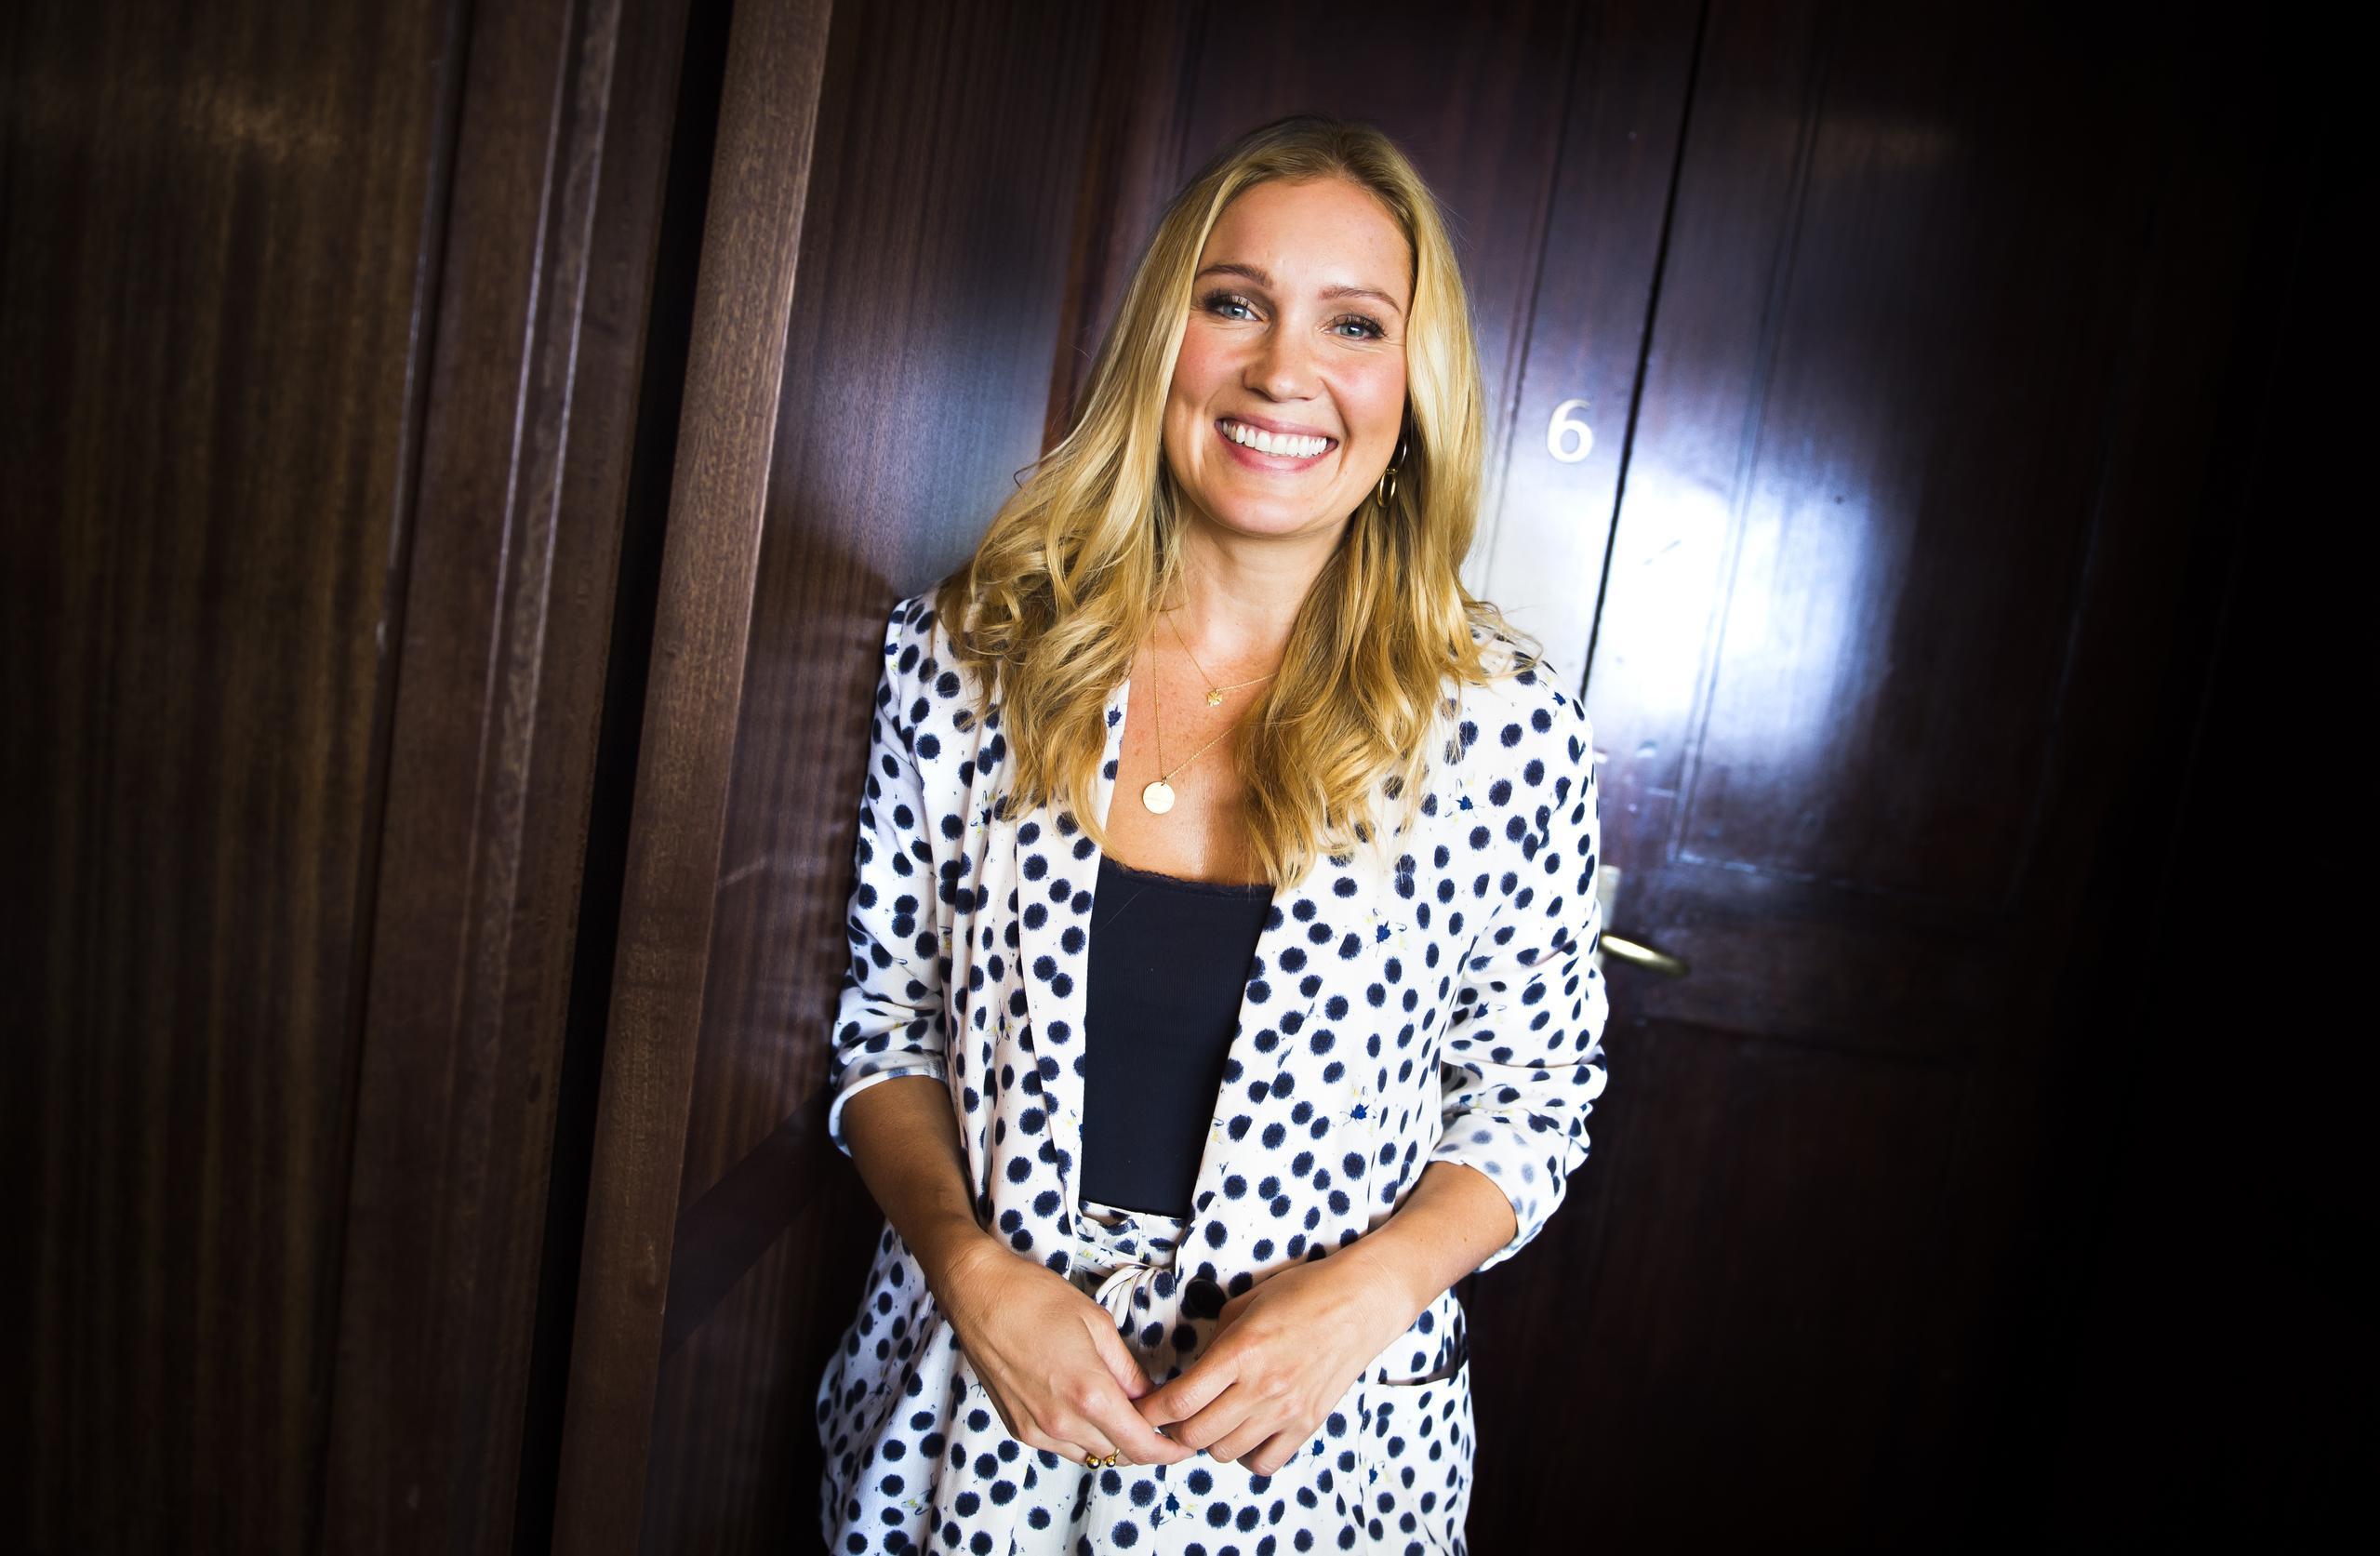 Jessica Almenäs gillar att jobba under press